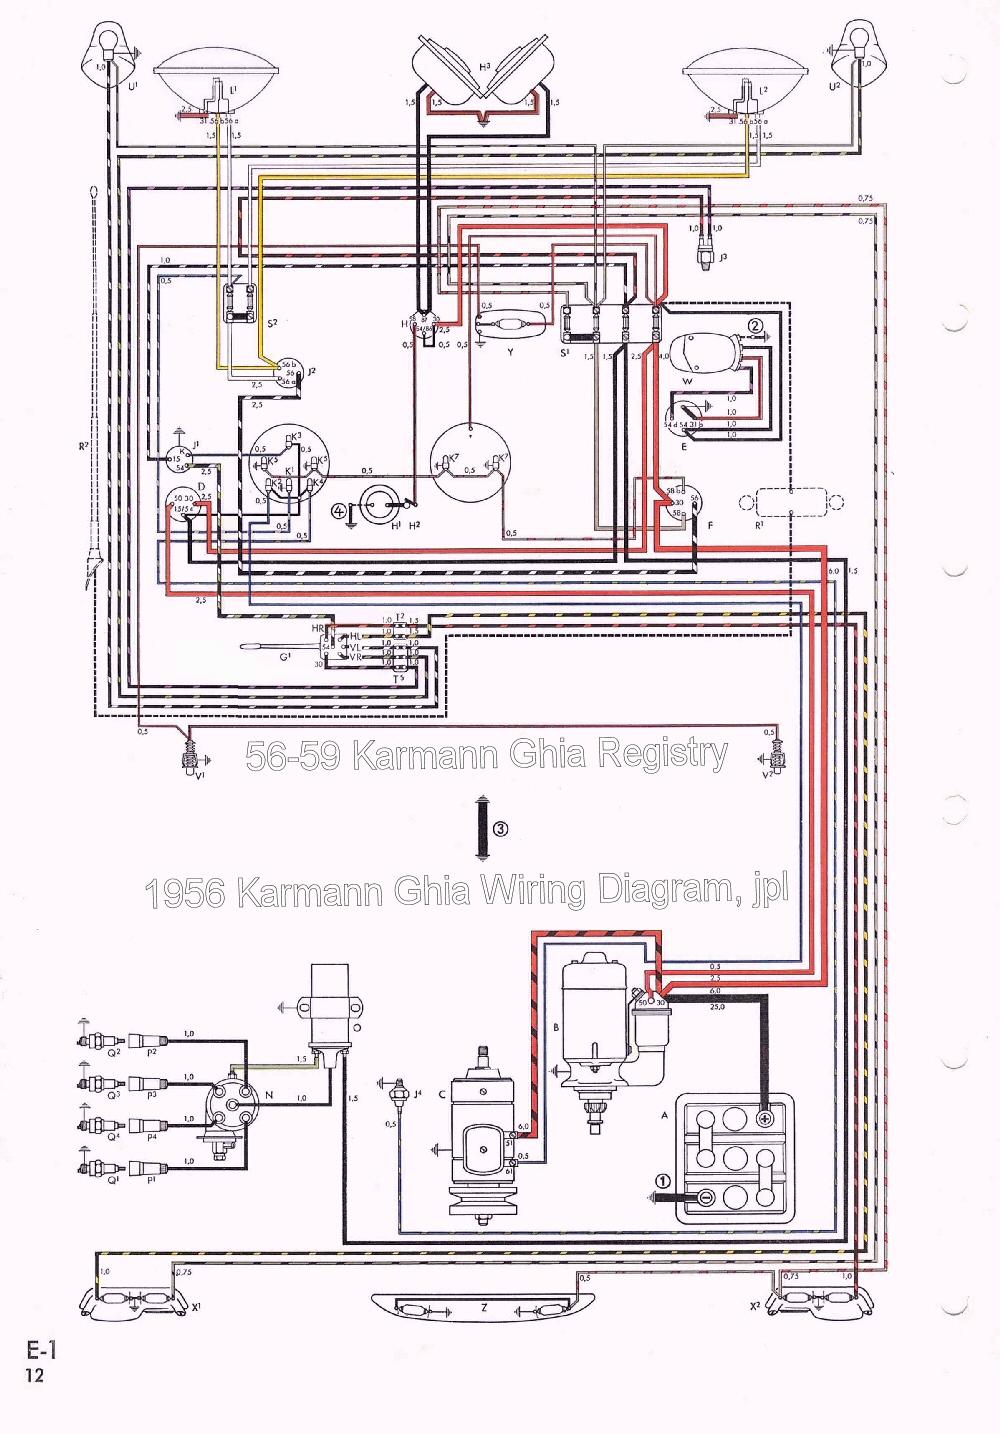 medium resolution of karmann ghia wiring diagrams wiringsoft2ax wiringsoft2a wiringasoft3x wiringasoft3 wiring3x wiring3